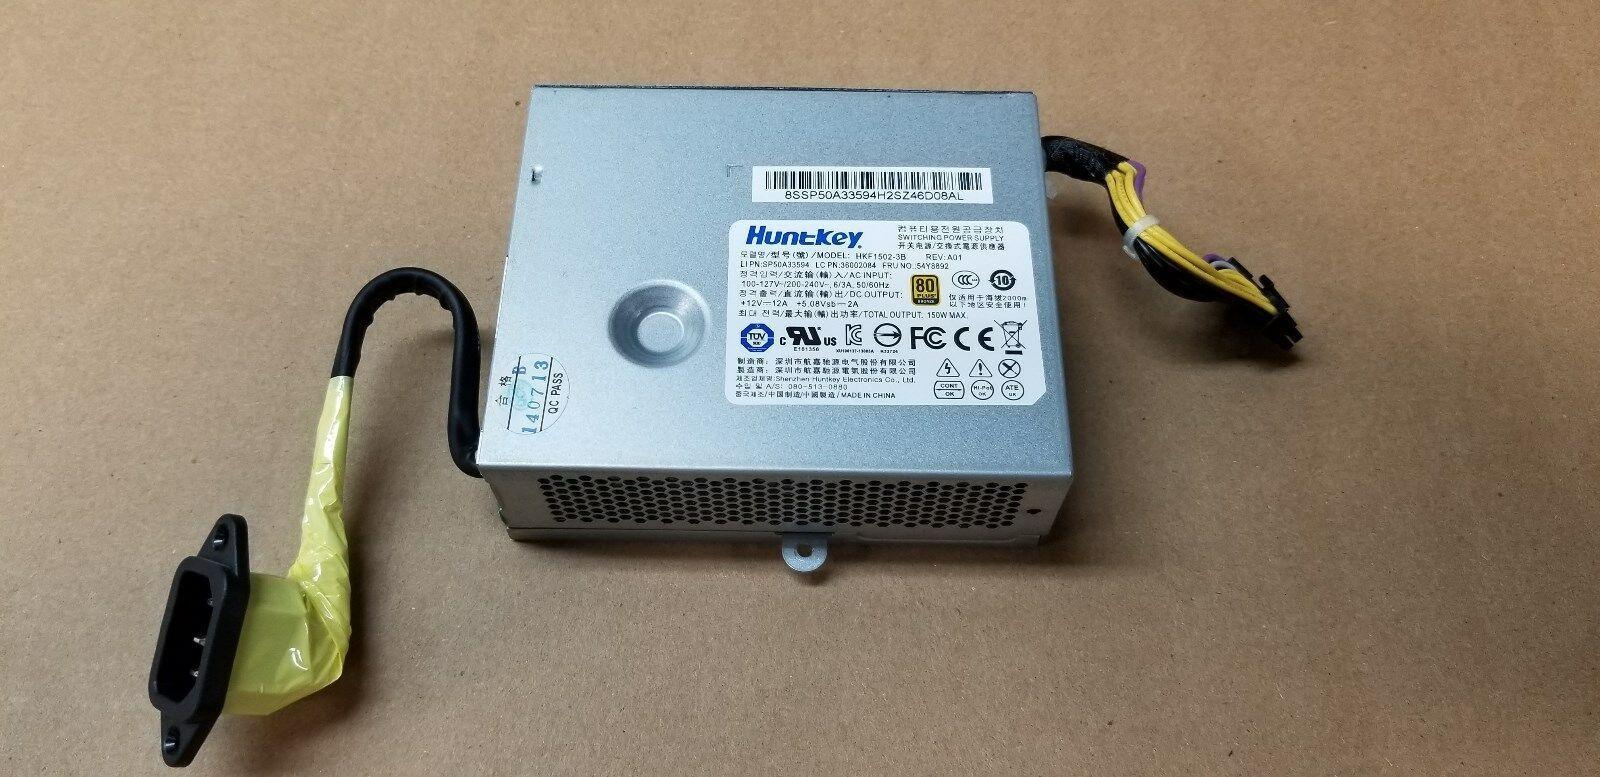 03T9022 FRU 54y8892 para Original HKF1502-3B HK1502-3B fonte de alimentação APA005 FSP150-20AI 150W para S510 S710 S720 S560 M71z M72z